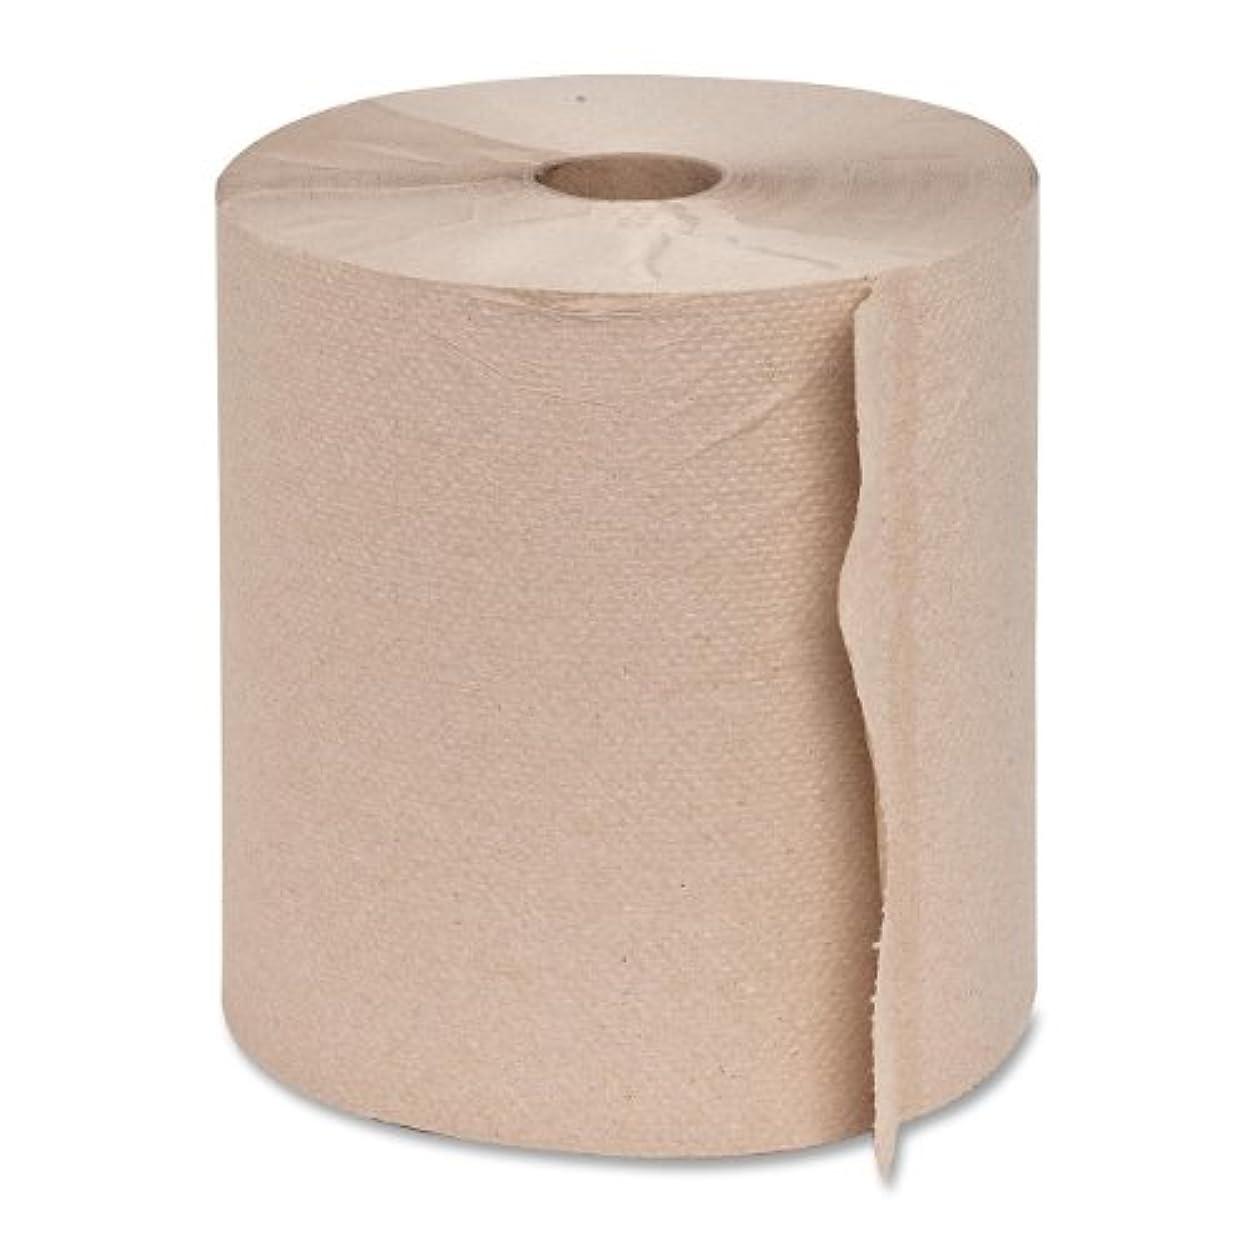 類人猿効率的ペンスGenuine Joe GJO22600 Hardwound Roll Towels- 2in.Core- 7-.88in.x800ft.- 6 Rolls-CT- BN